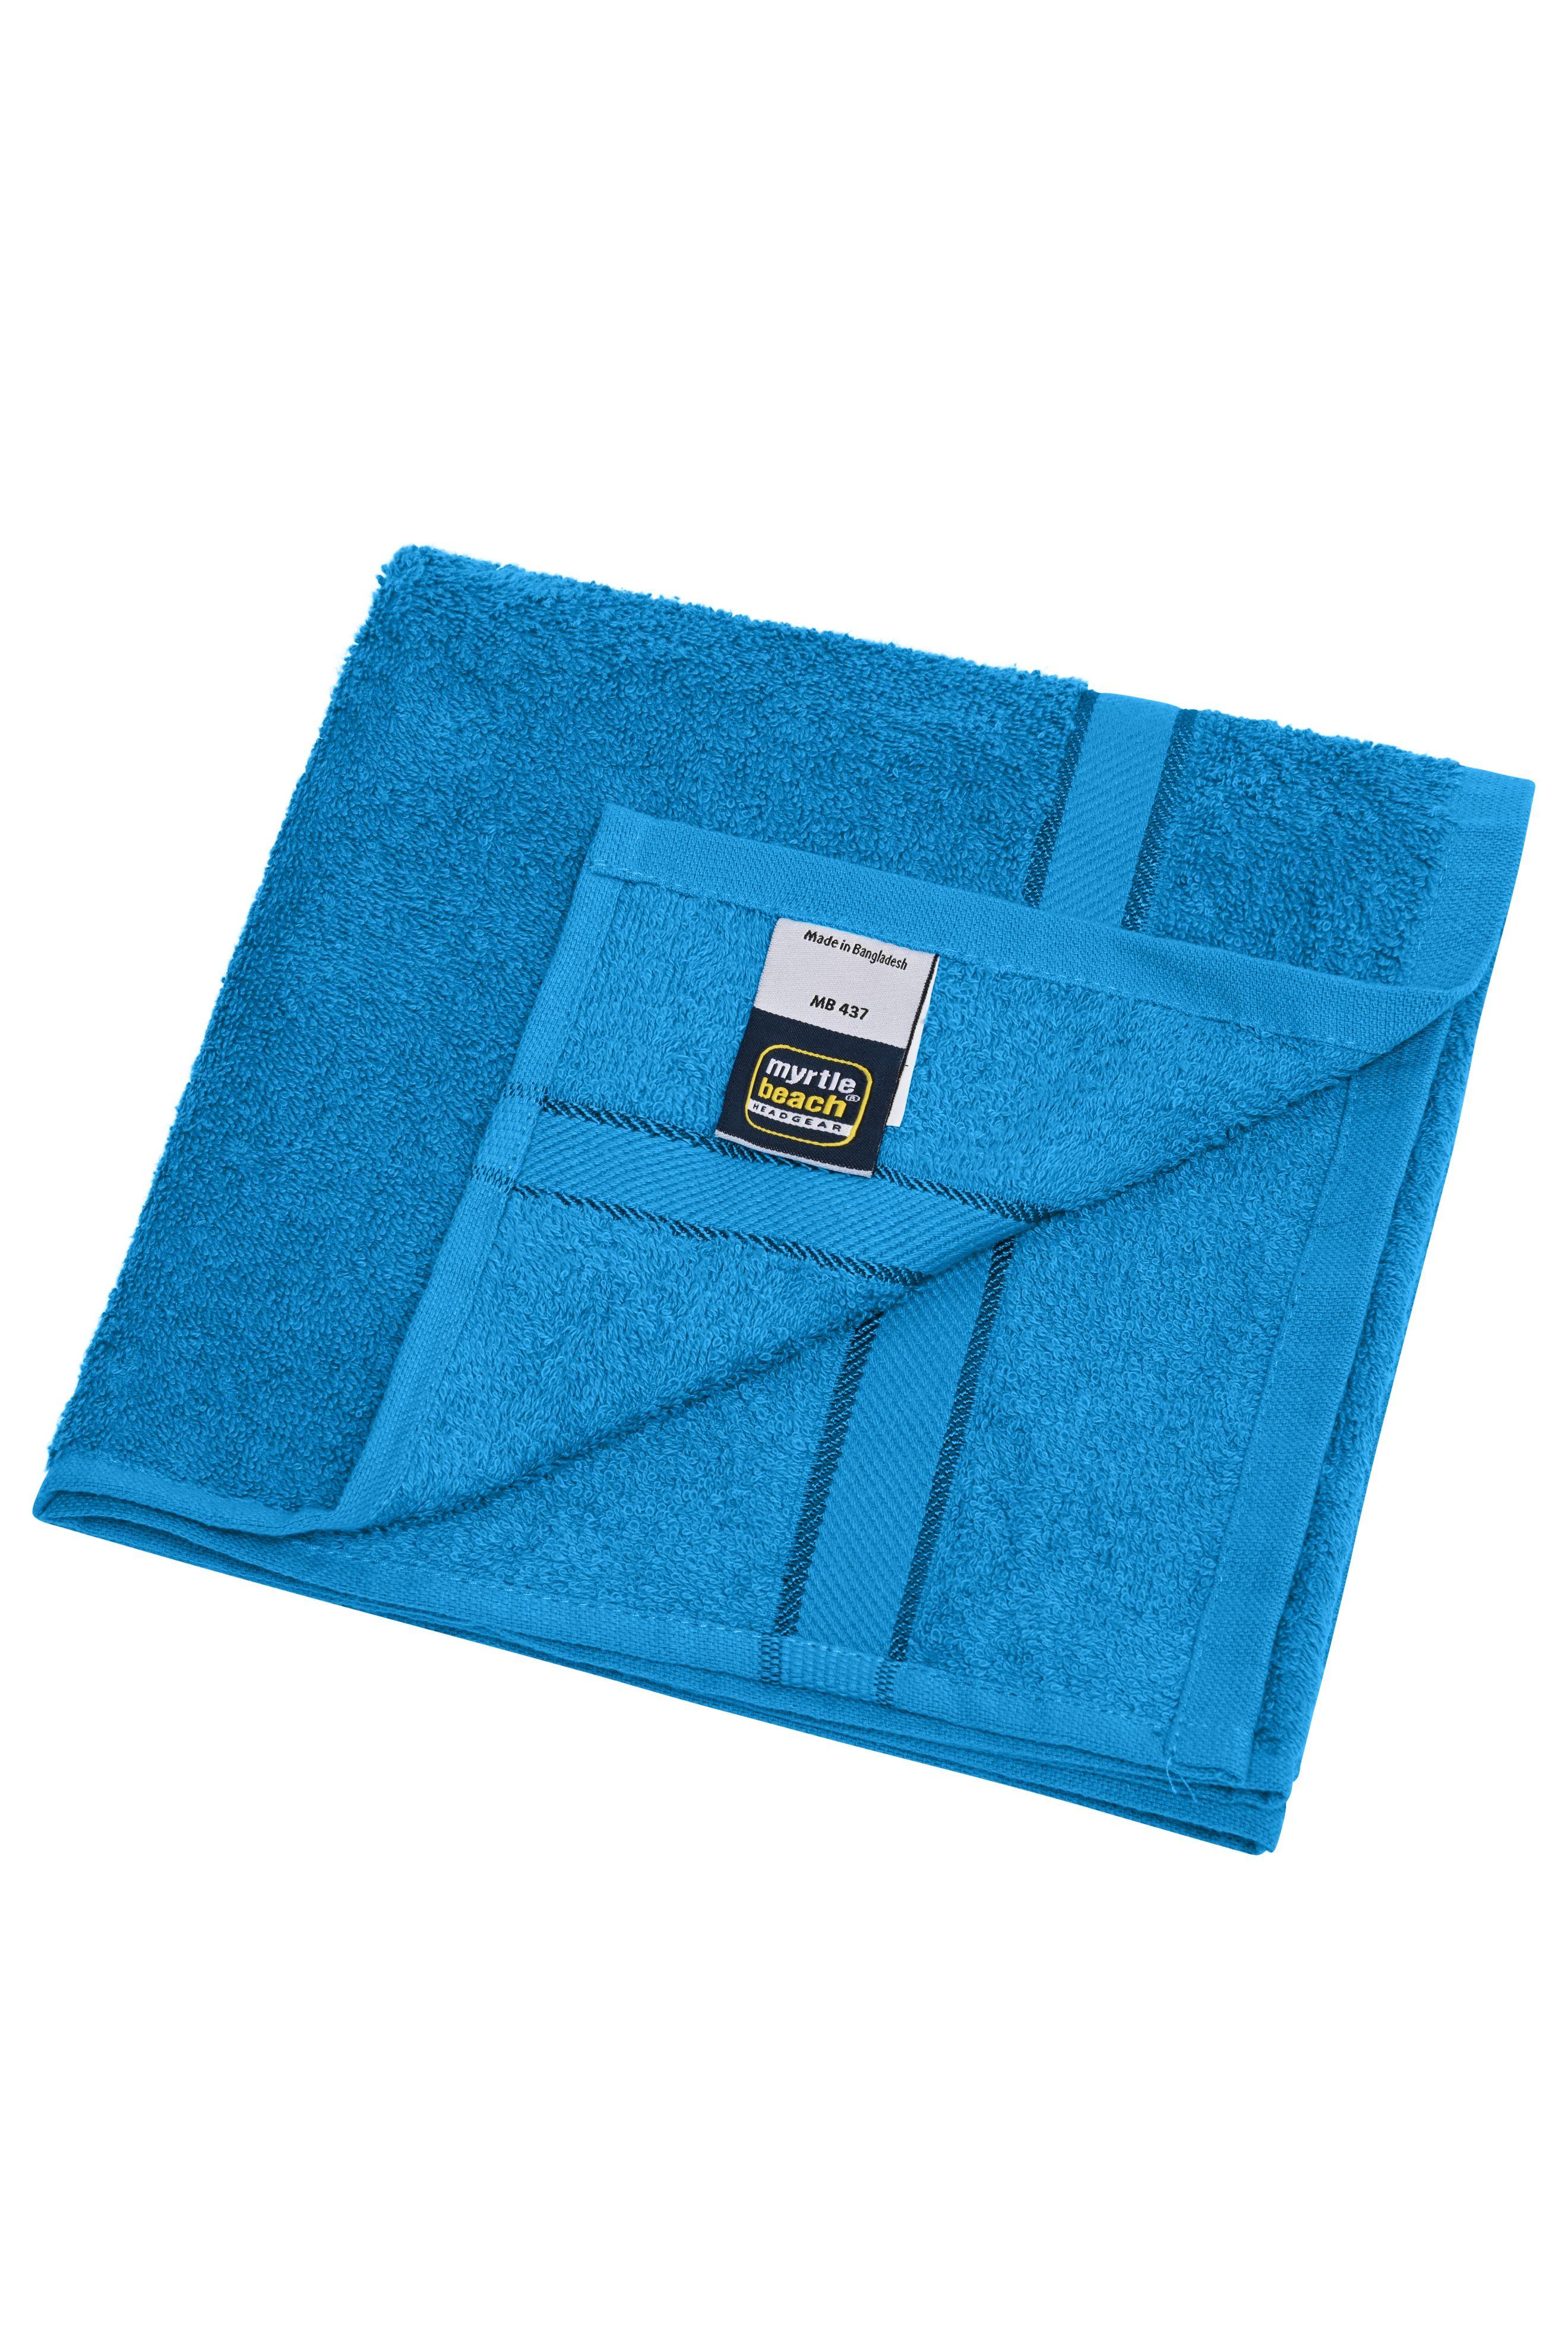 Handtuch im dezenten Design